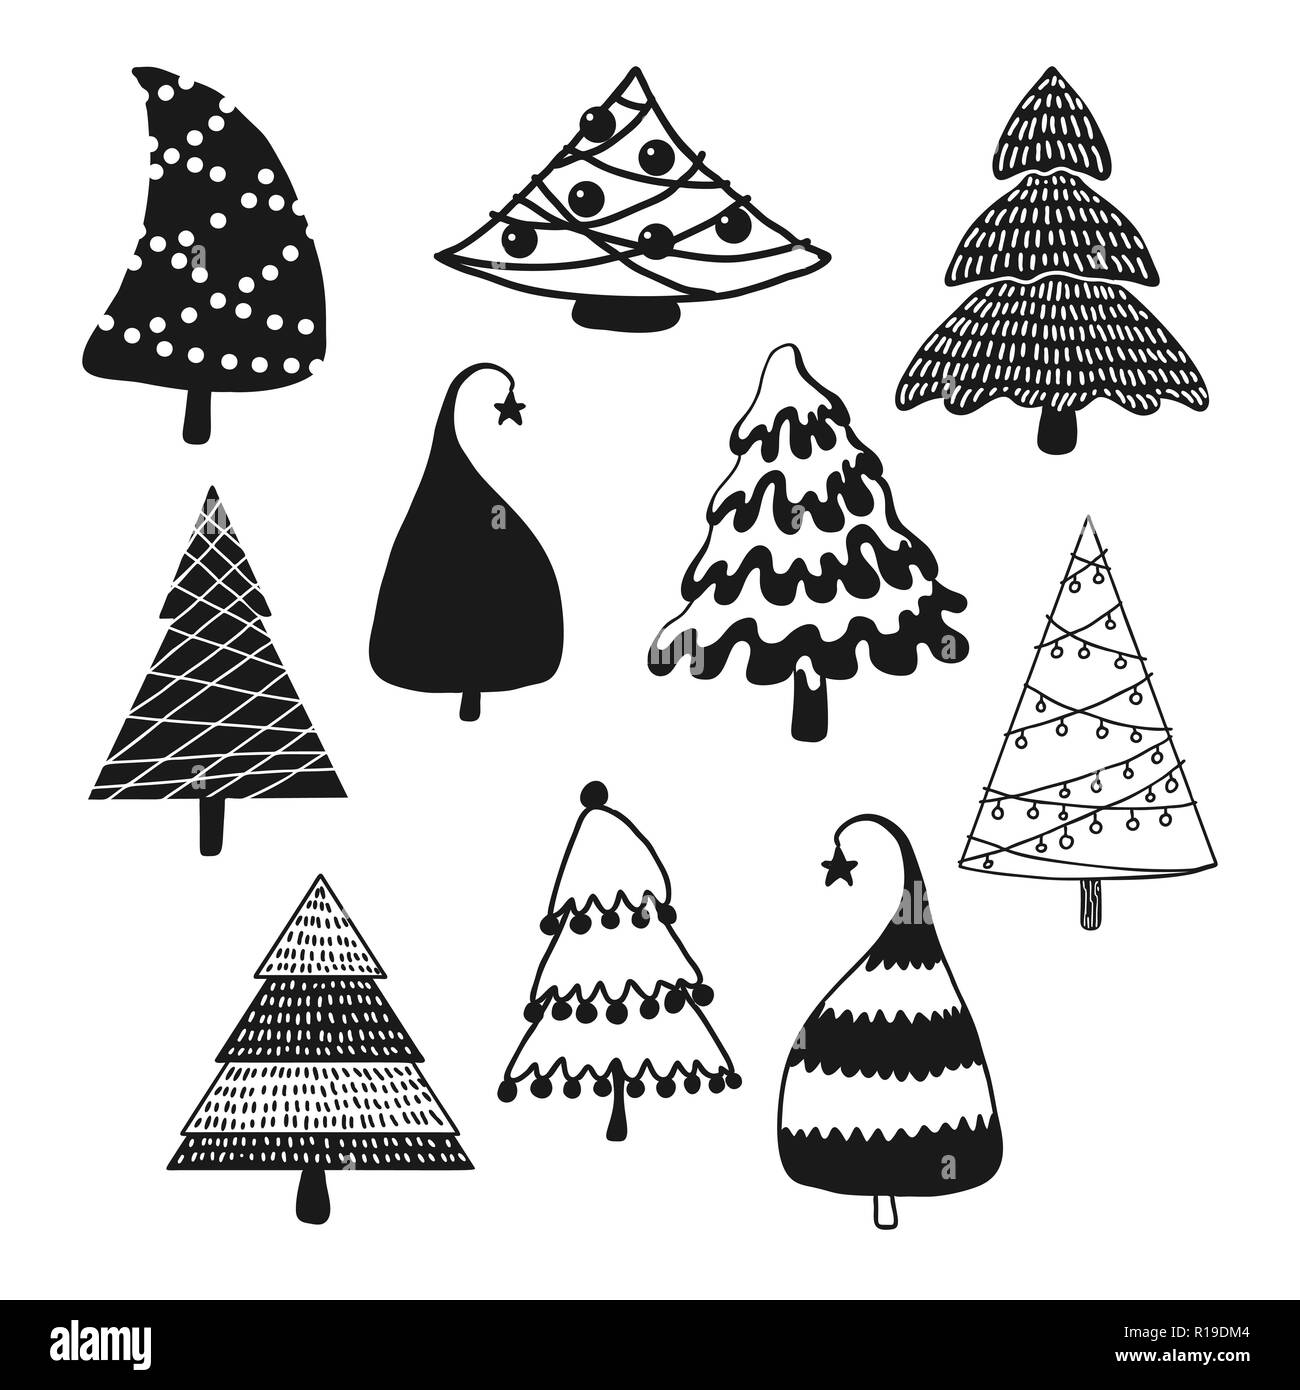 Disegni Di Alberi Di Natale.Impostare Decorativo Di Alberi Di Natale Illustrazione